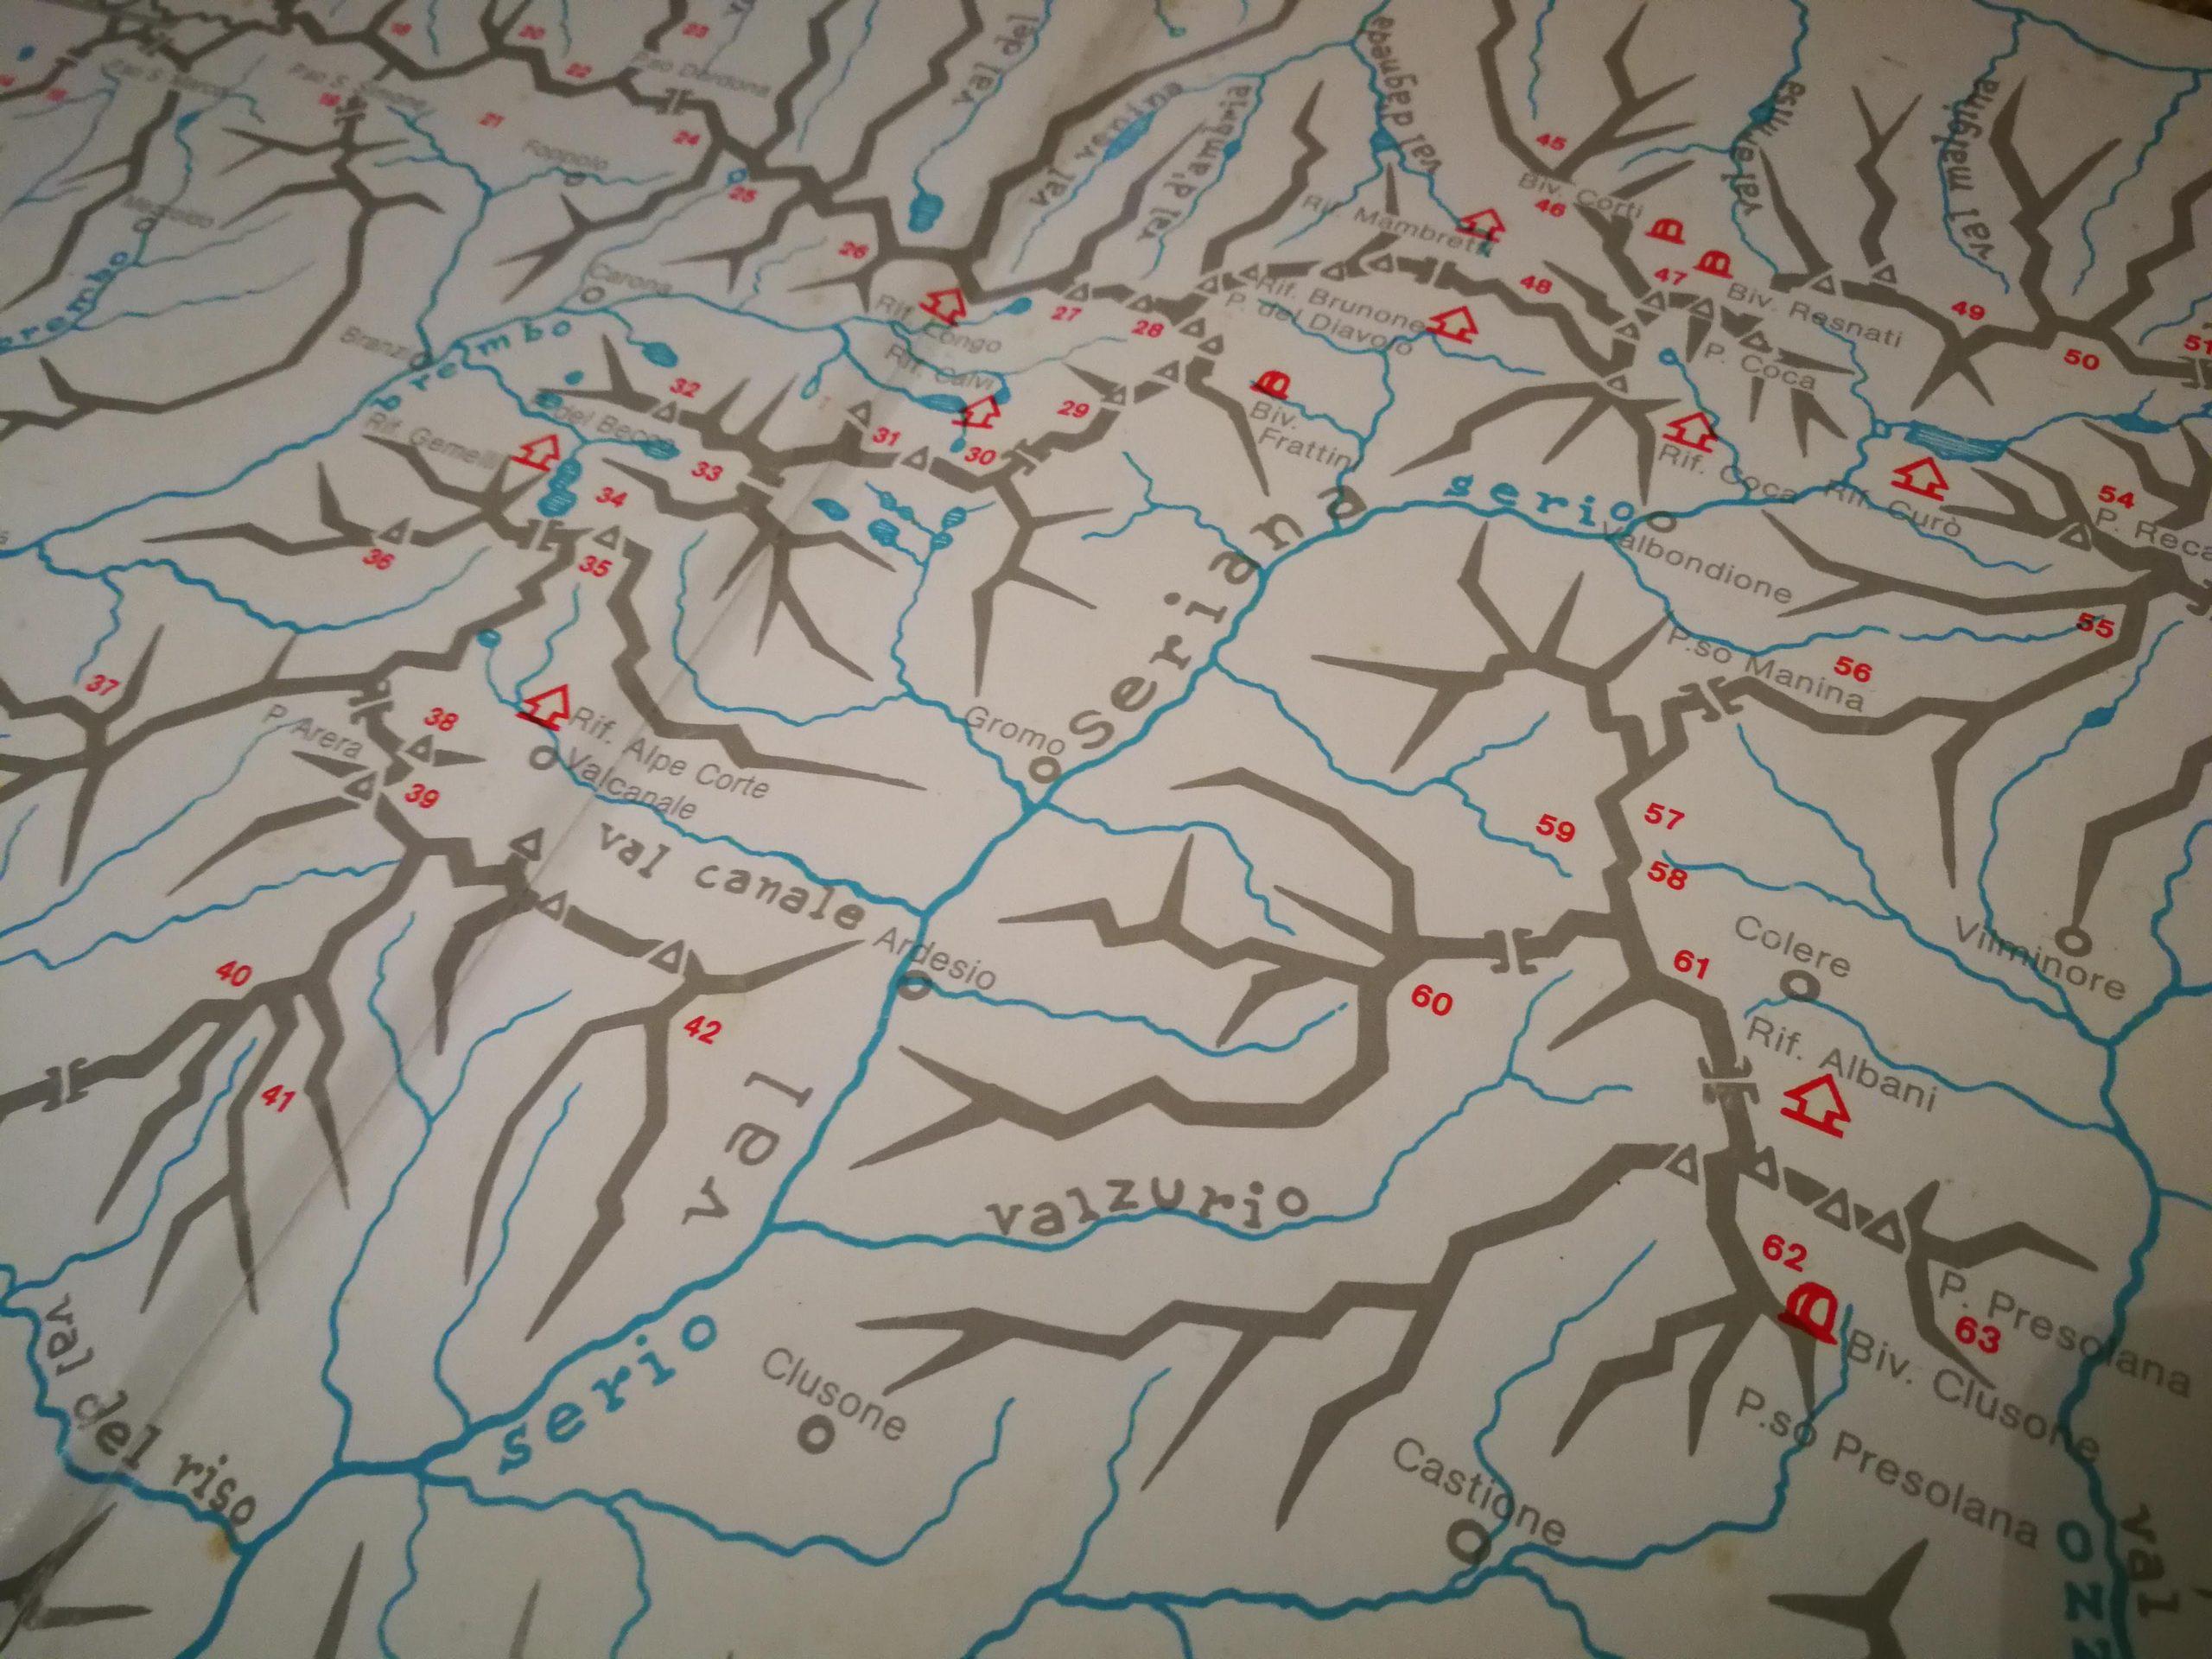 Mappa Italia X Garmin.Come Installare Cartografia Gratuita Sul Tuo Dispositivo Garmin Scoprilo